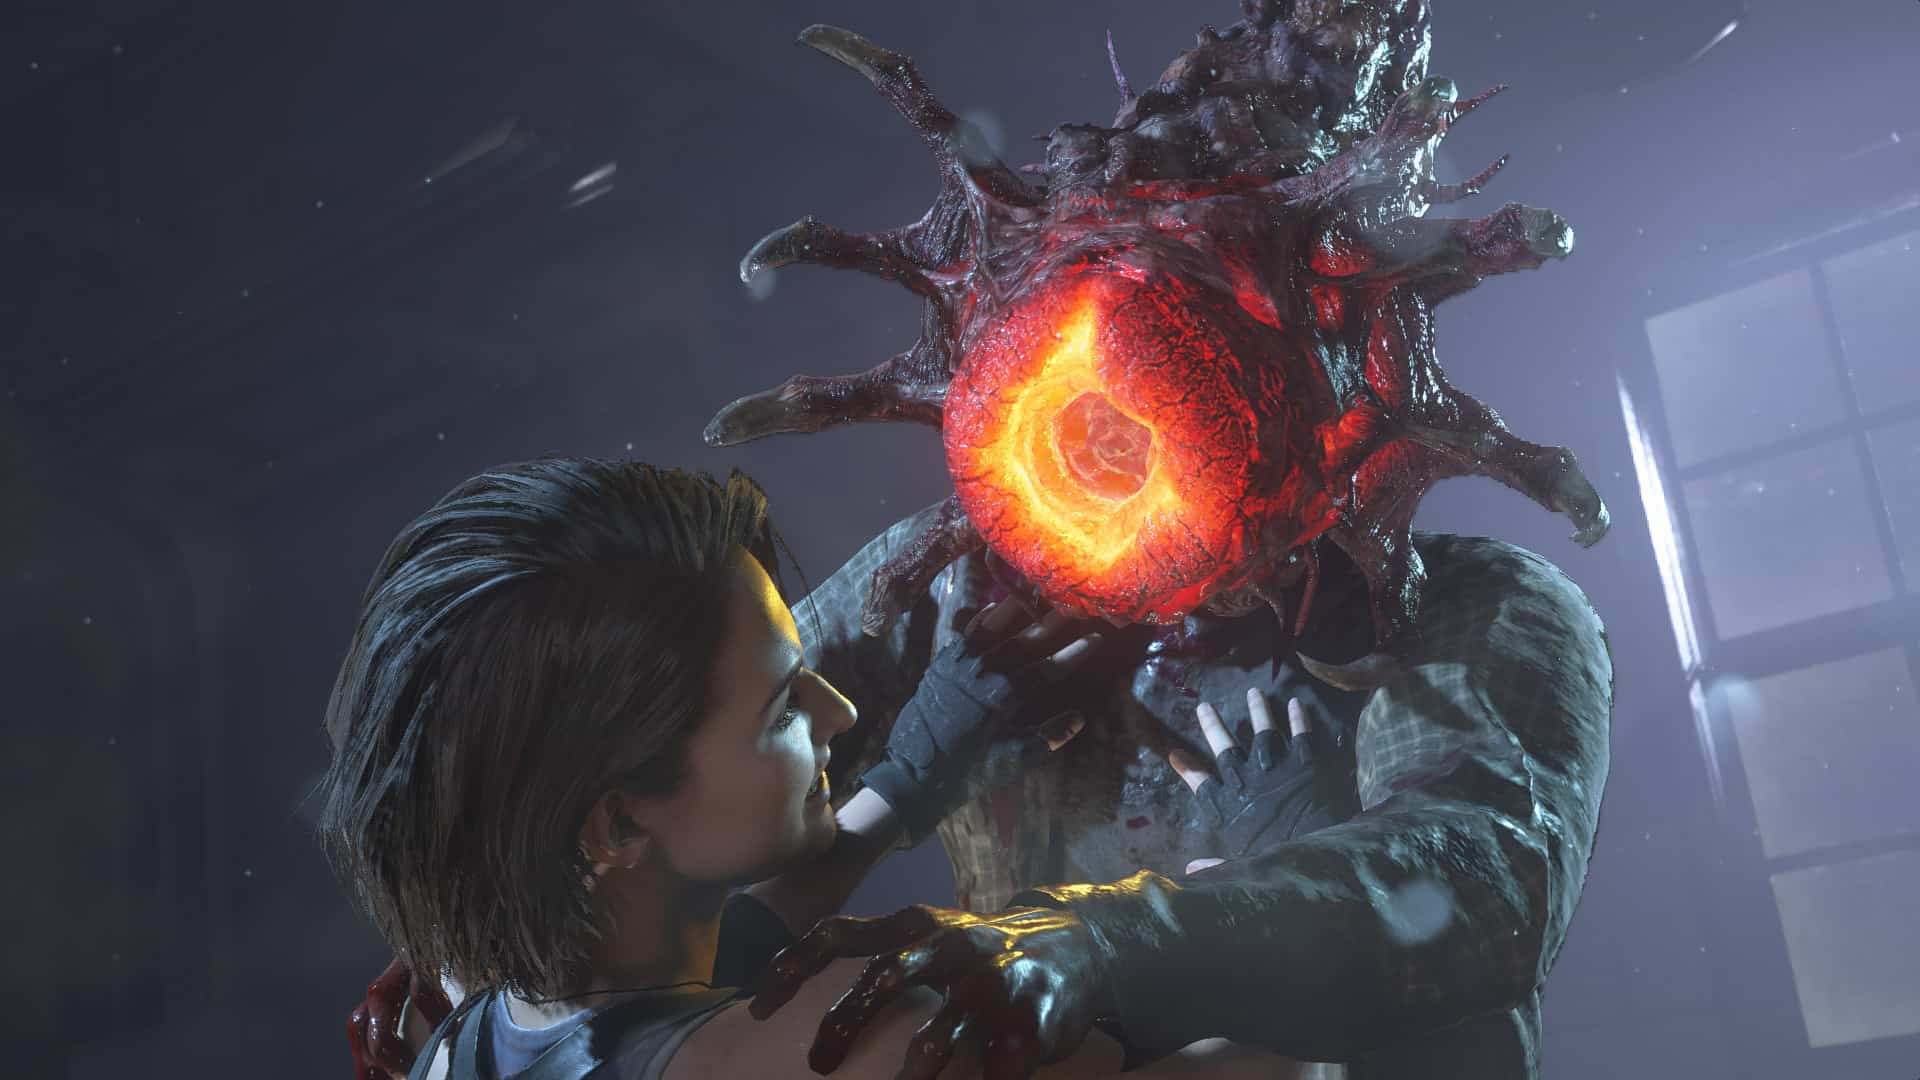 Download Resident Evil 4 Ppsspp Mod 85mb